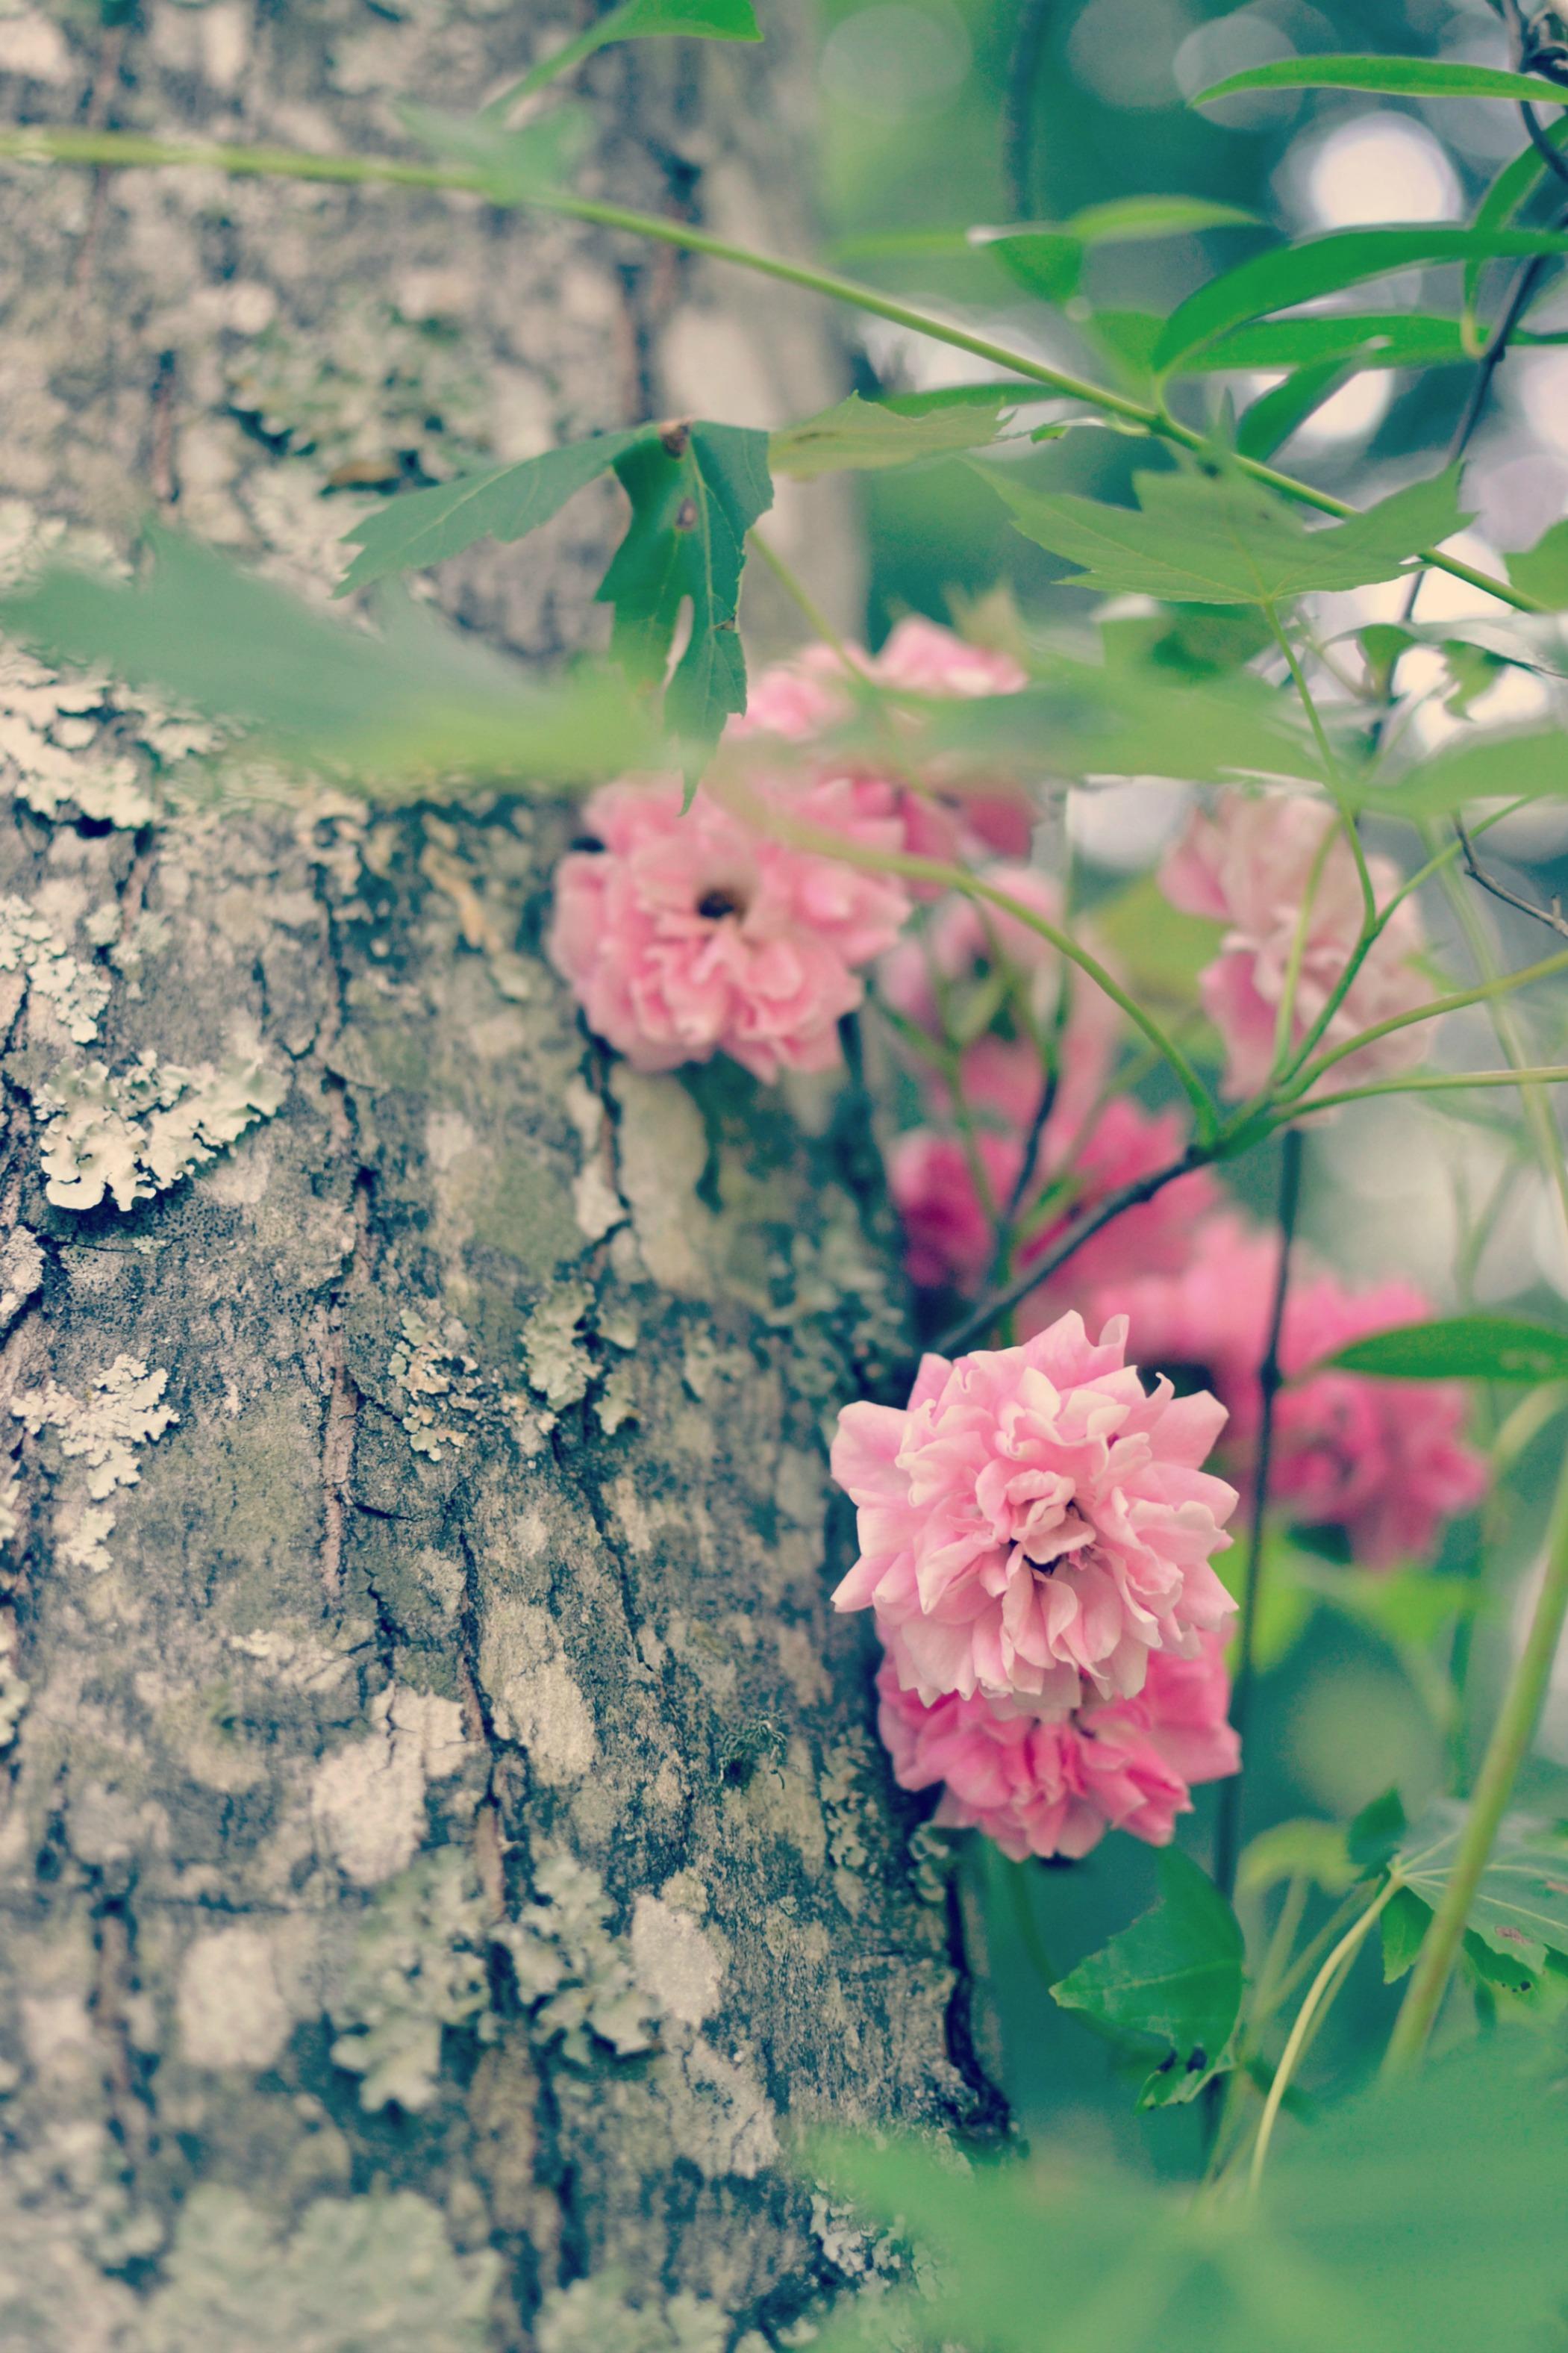 climbingroses